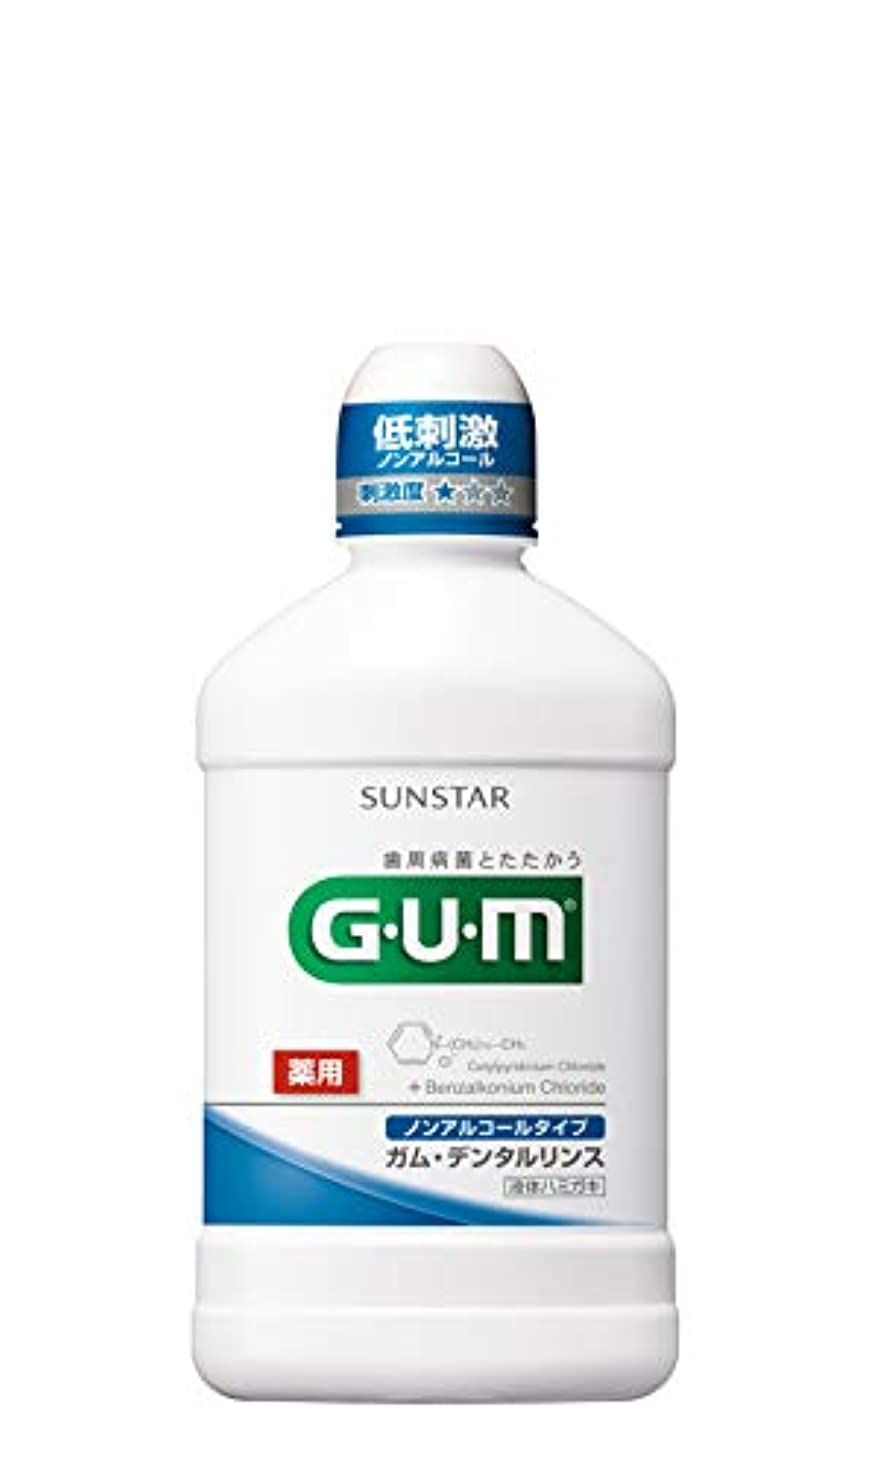 一杯提案信じる[医薬部外品] GUM(ガム) デンタルリンス ノンアルコールタイプ 薬用液体ハミガキ 250ML <歯周病予防 口臭予防>